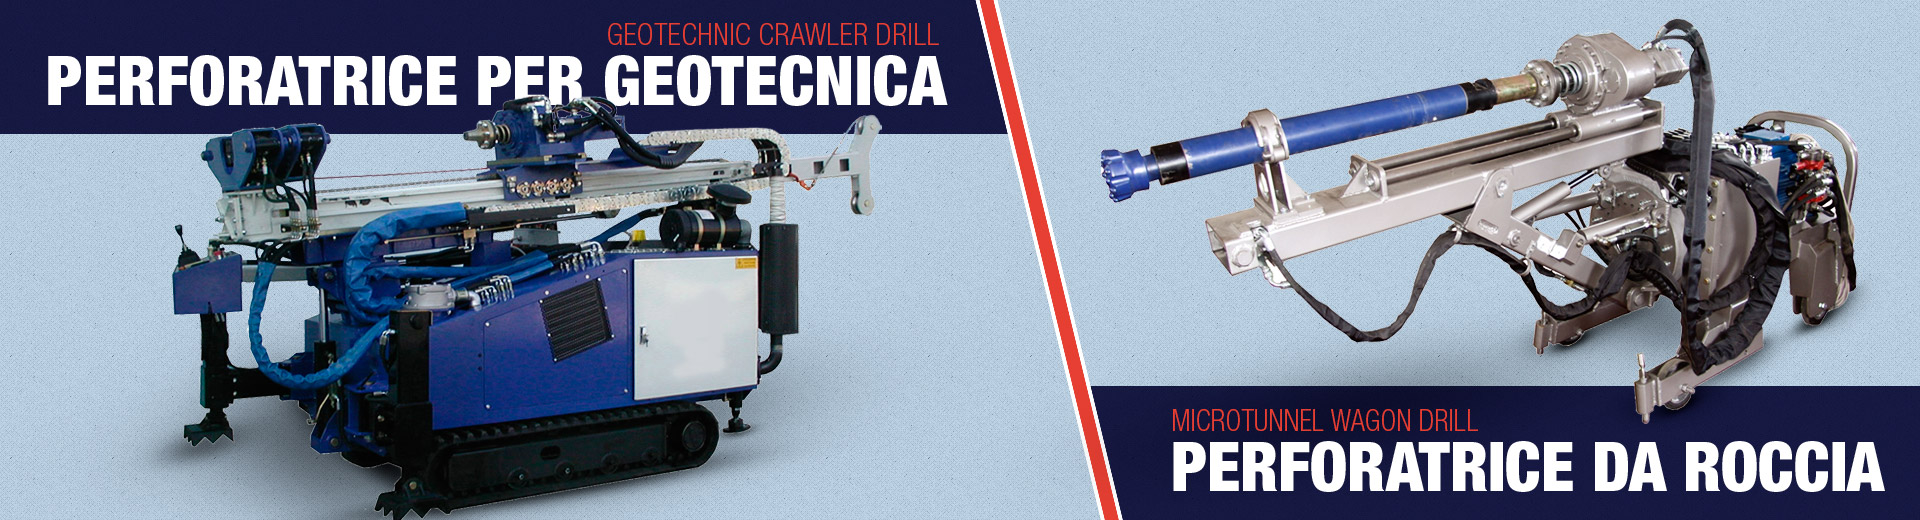 macchine da microperforazione e geotecnica